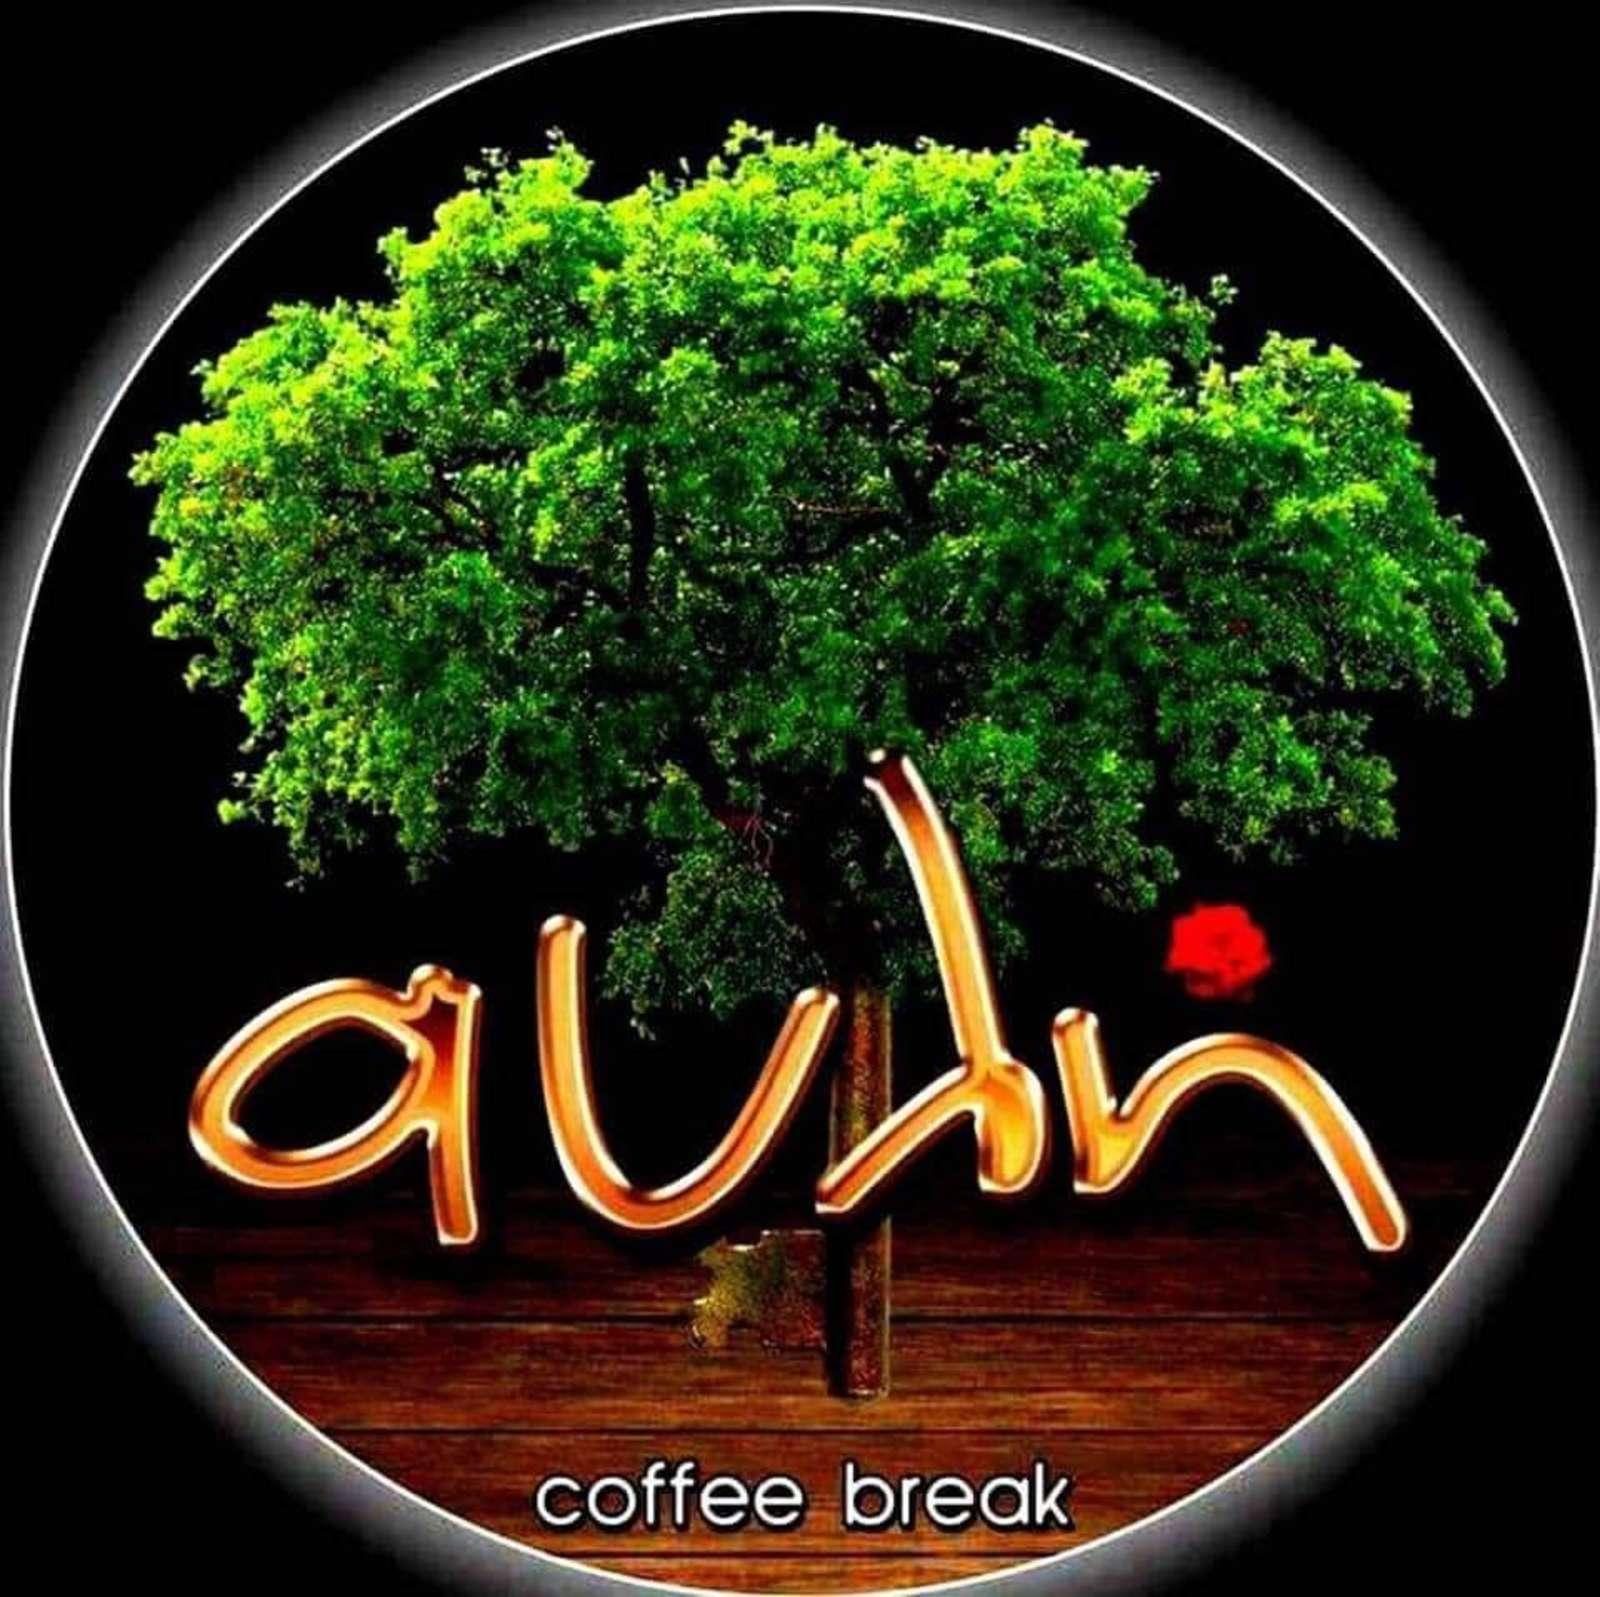 Αυλή - Καφέ - Αναψυκτήριο